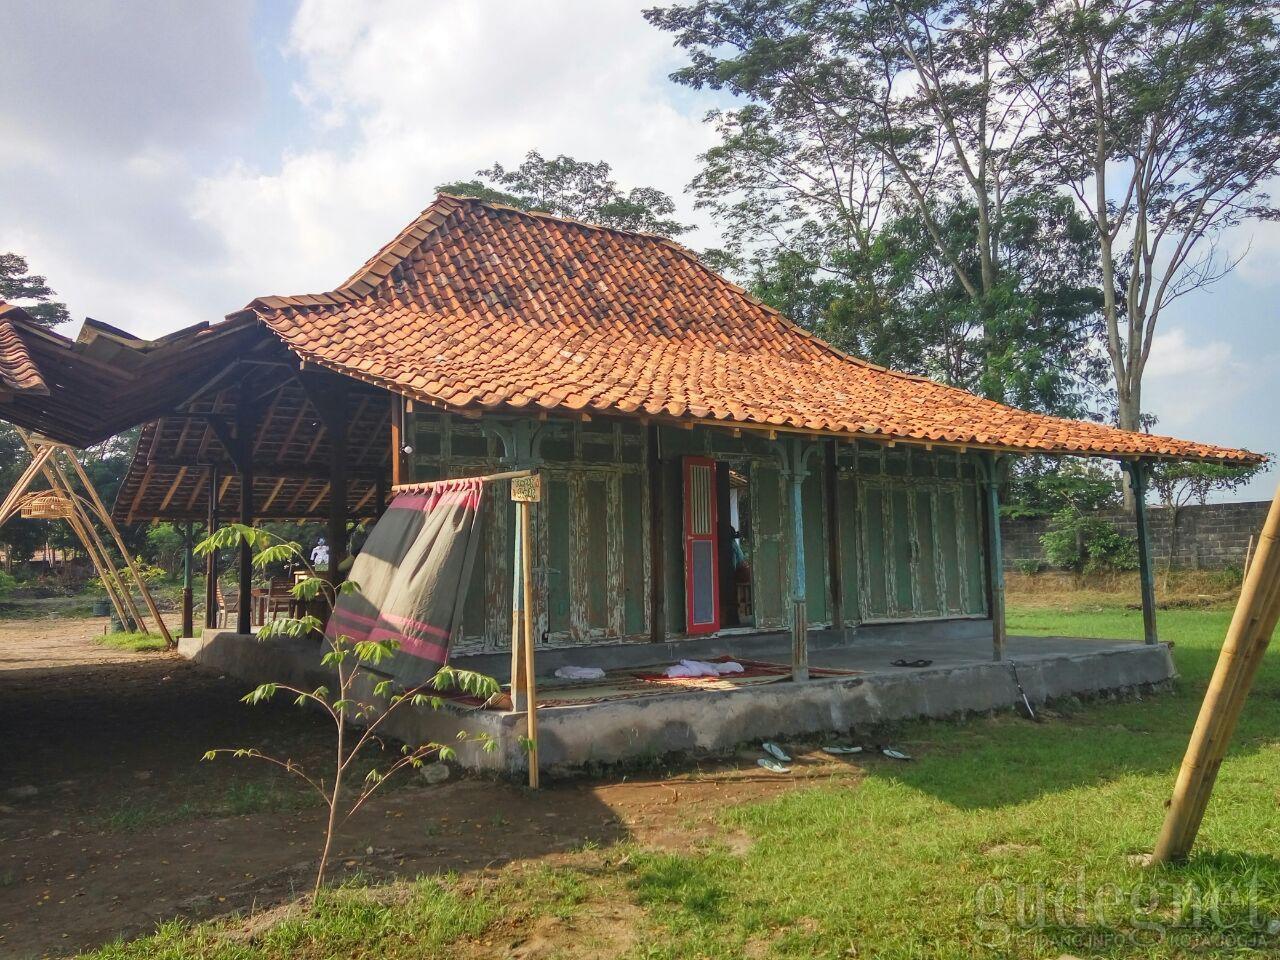 4 Rumah Adat Yogyakarta Dan Ciri Khasnya Beserta Gambar